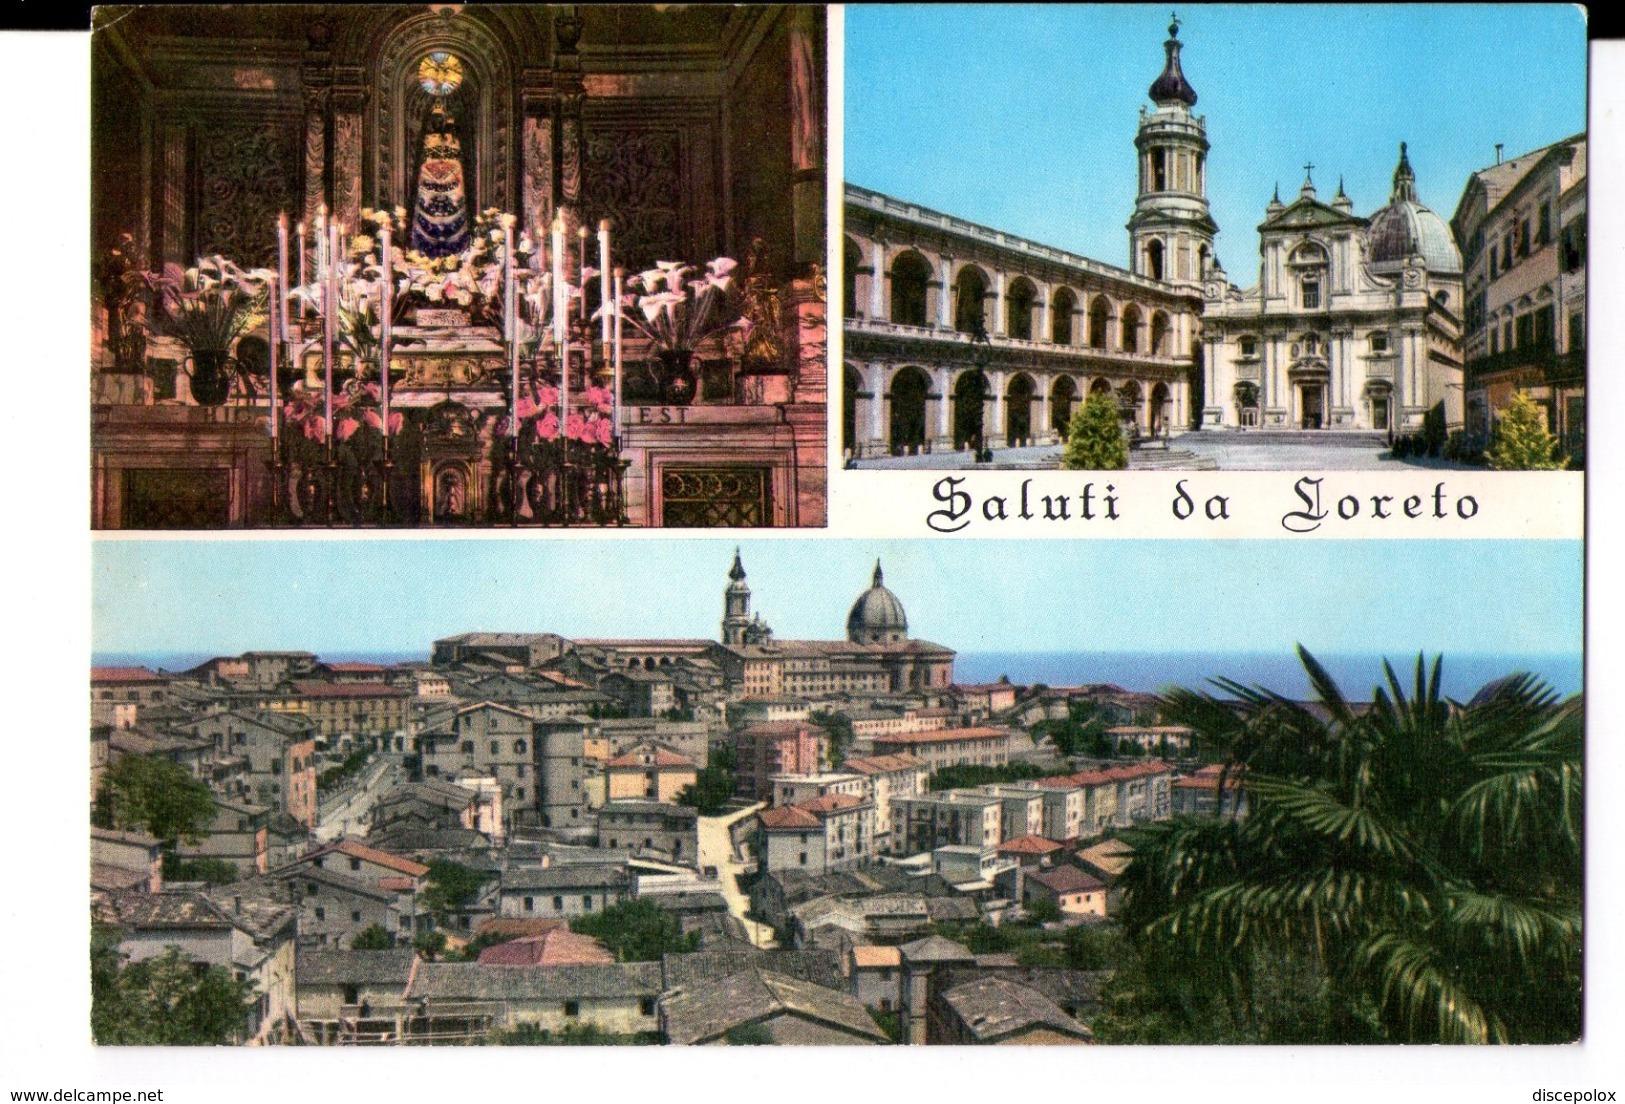 S782 Cartolina Concorso Invito All' Italia Serie L Rhodiatoce N. 022556 Loreto (Ancona) - Altre Città